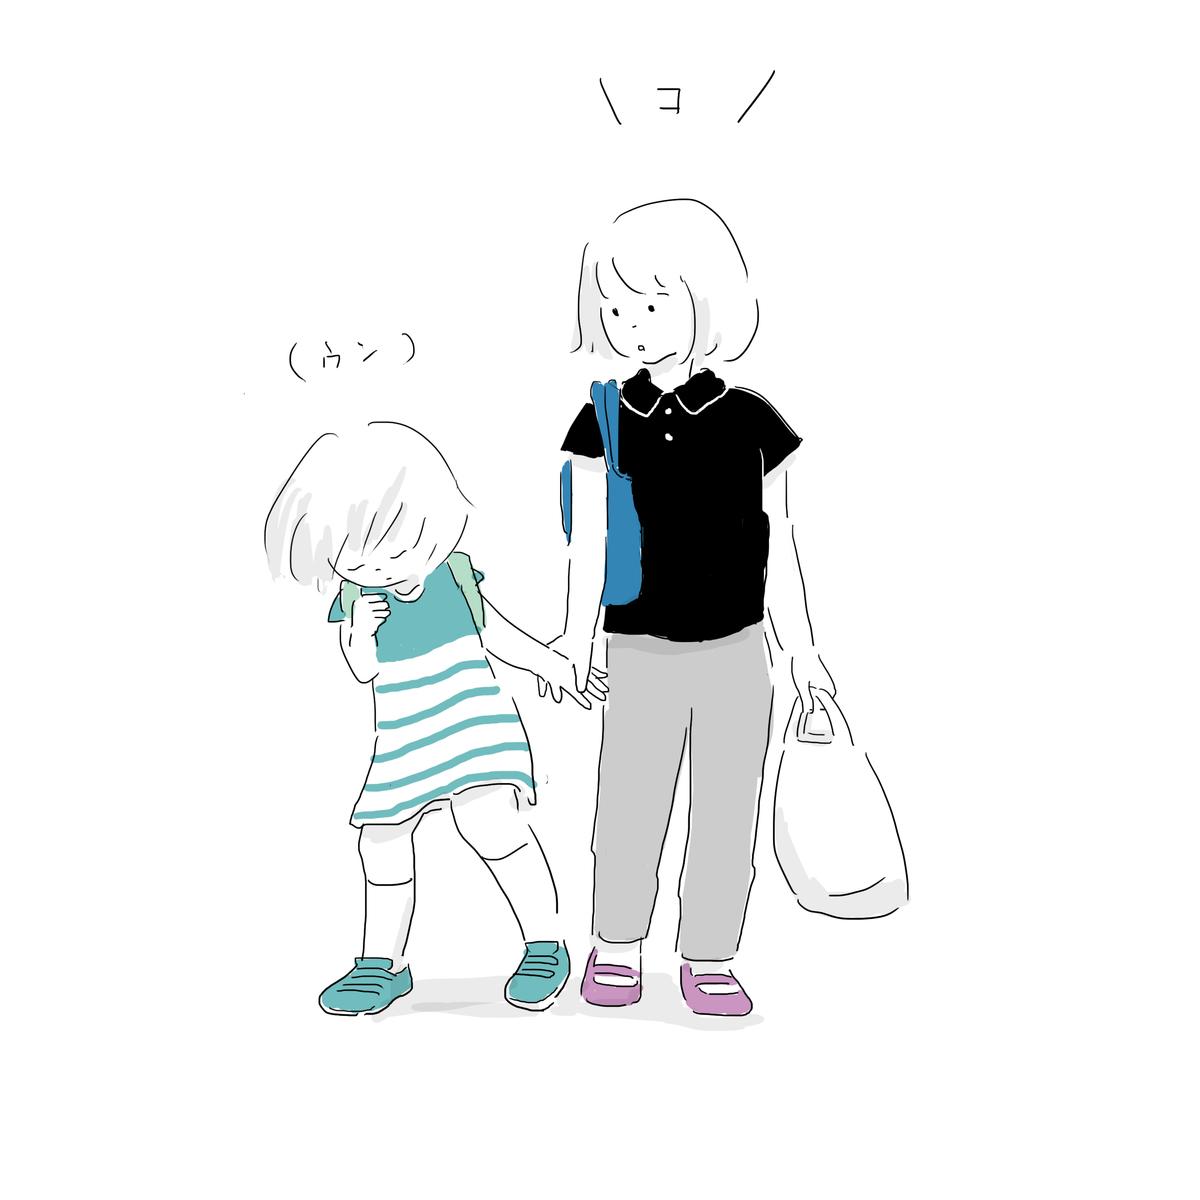 f:id:yacosuke:20190623003345j:plain